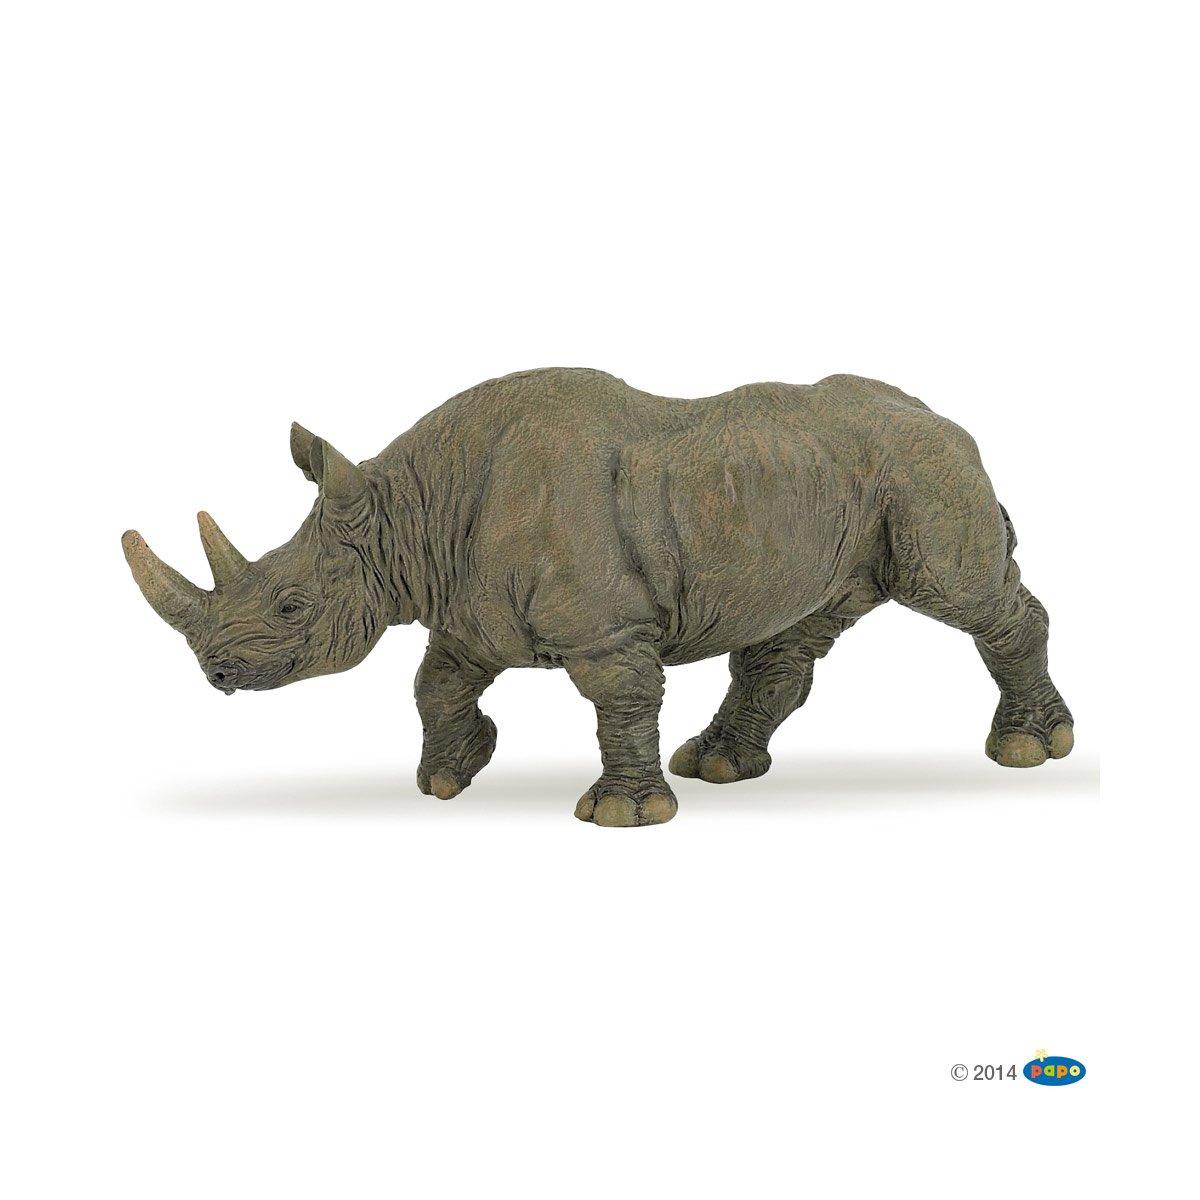 Figurine Noir Grande Rhinocéros La Récré Les Animaux 2WEbDIe9HY